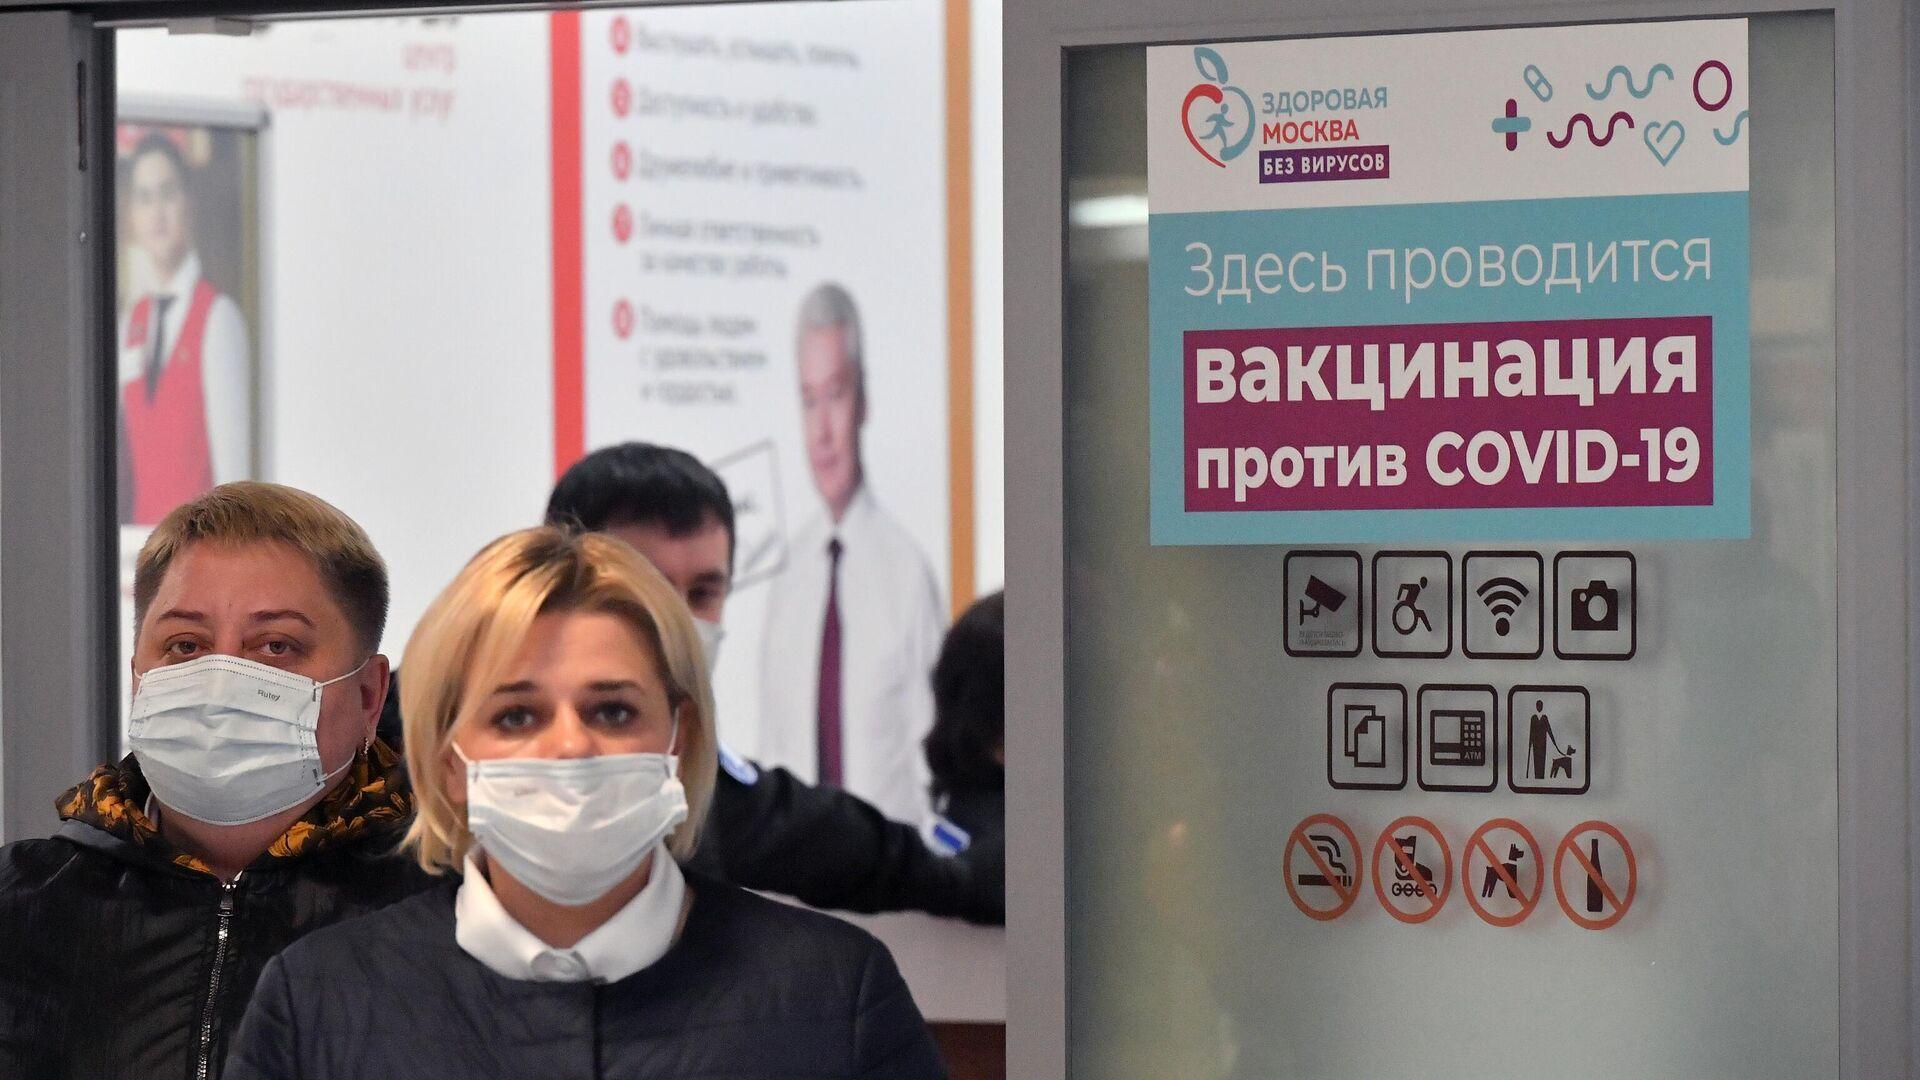 Информация о вакцинации от COVID-19, которая проводится в центре госуслуг Мои документы - РИА Новости, 1920, 21.04.2021